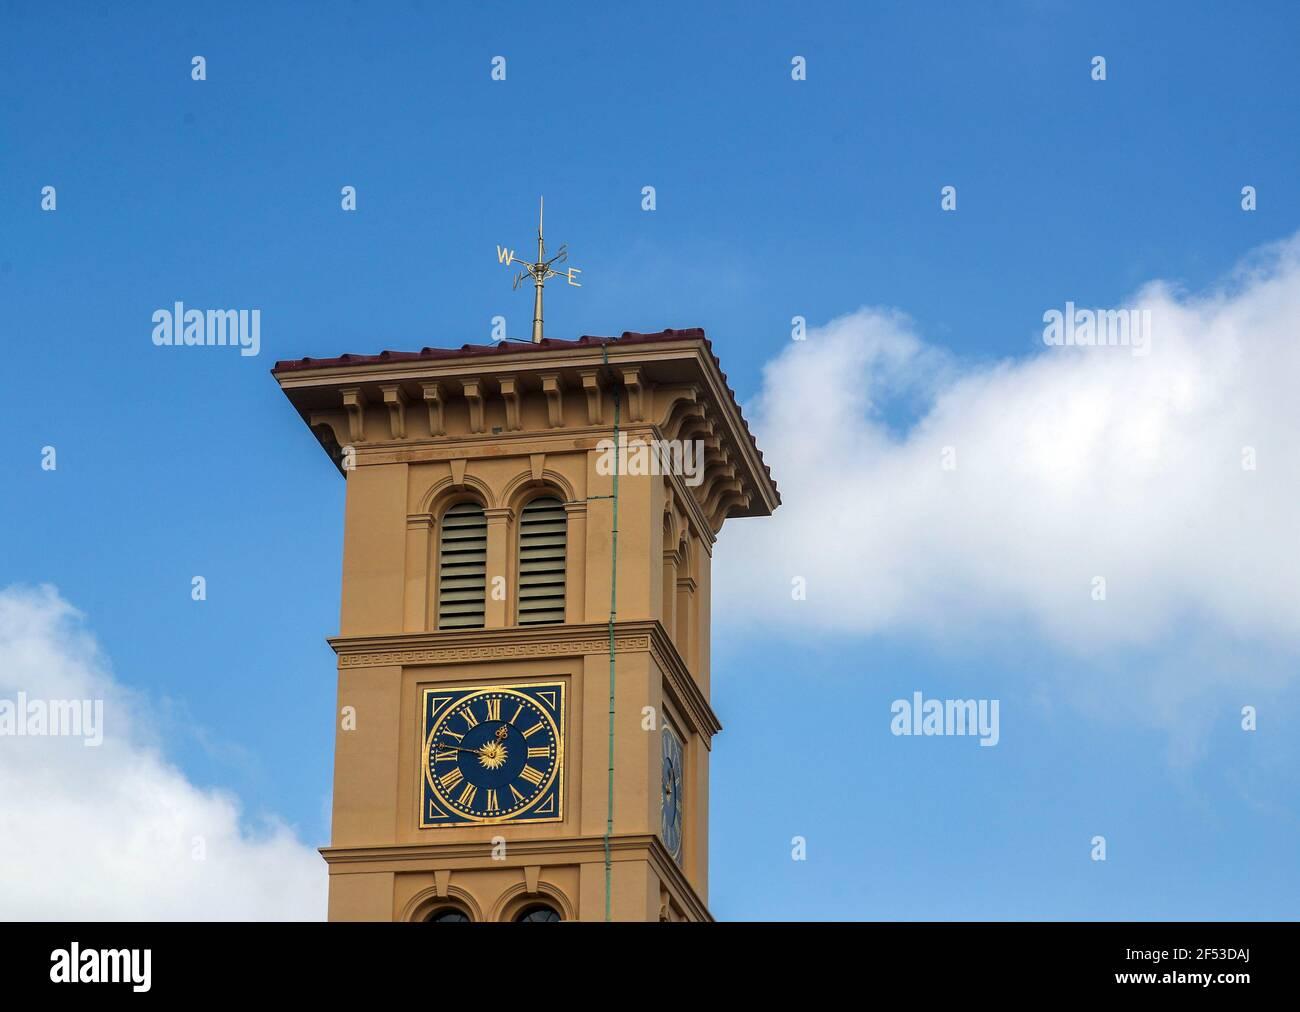 La weathervane vittoriana recentemente restaurata in cima alla torre dell'orologio da 90 metri presso la Osborne House del Patrimonio Inglese a East Cowes, sull'Isola di Wight, dopo un restauro di due anni della paletta dopo che fu danneggiata durante una tempesta. Data immagine: Mercoledì 24 marzo 2021. Foto Stock